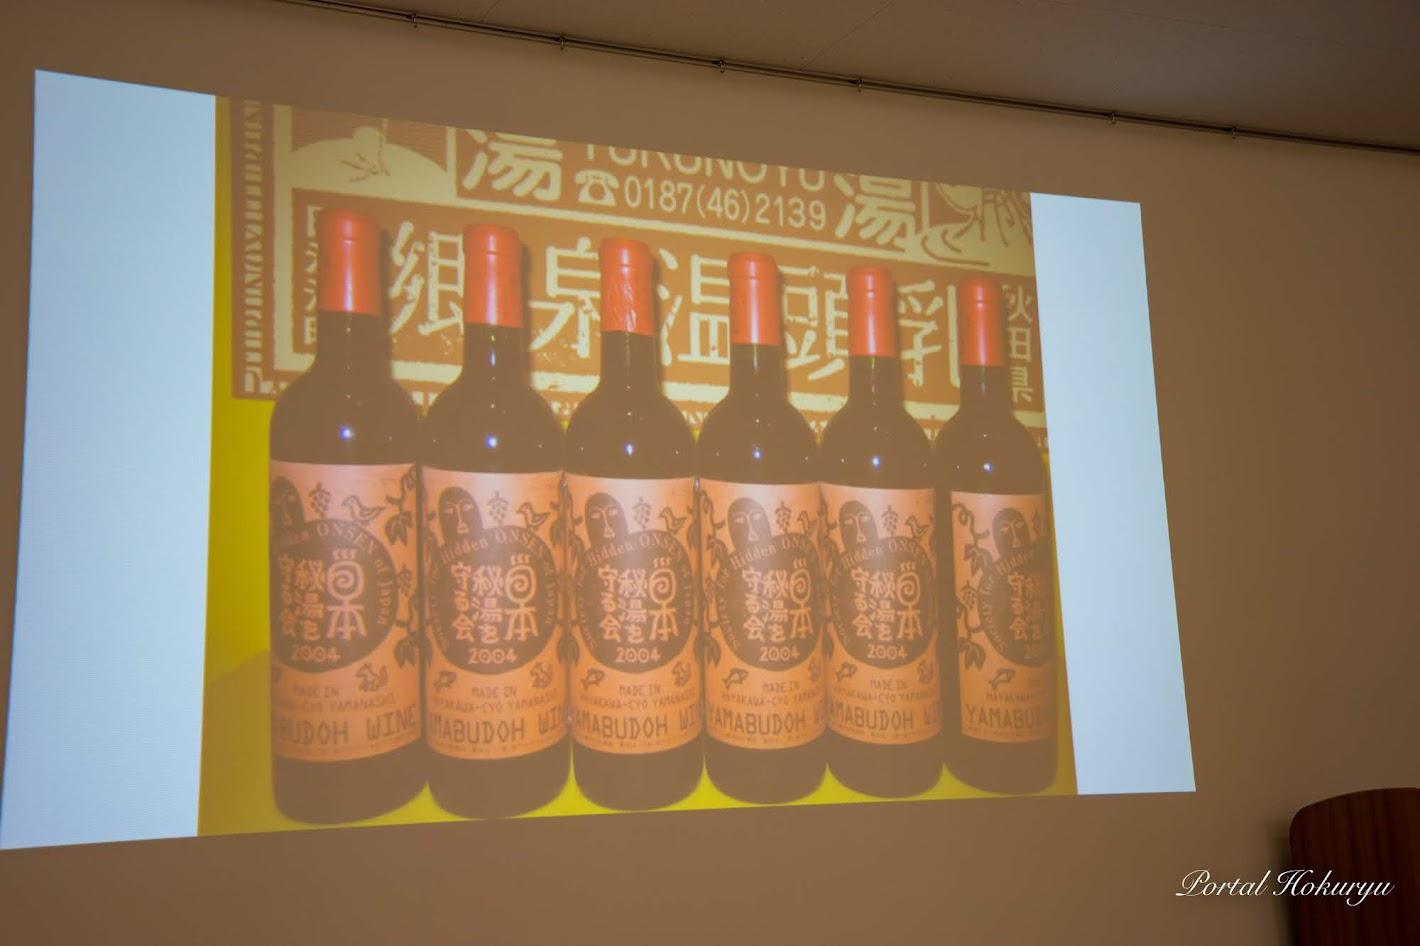 鶴の湯(秋田県仙北市乳頭温泉)「鶴の湯」ポスター・秘湯ワイン